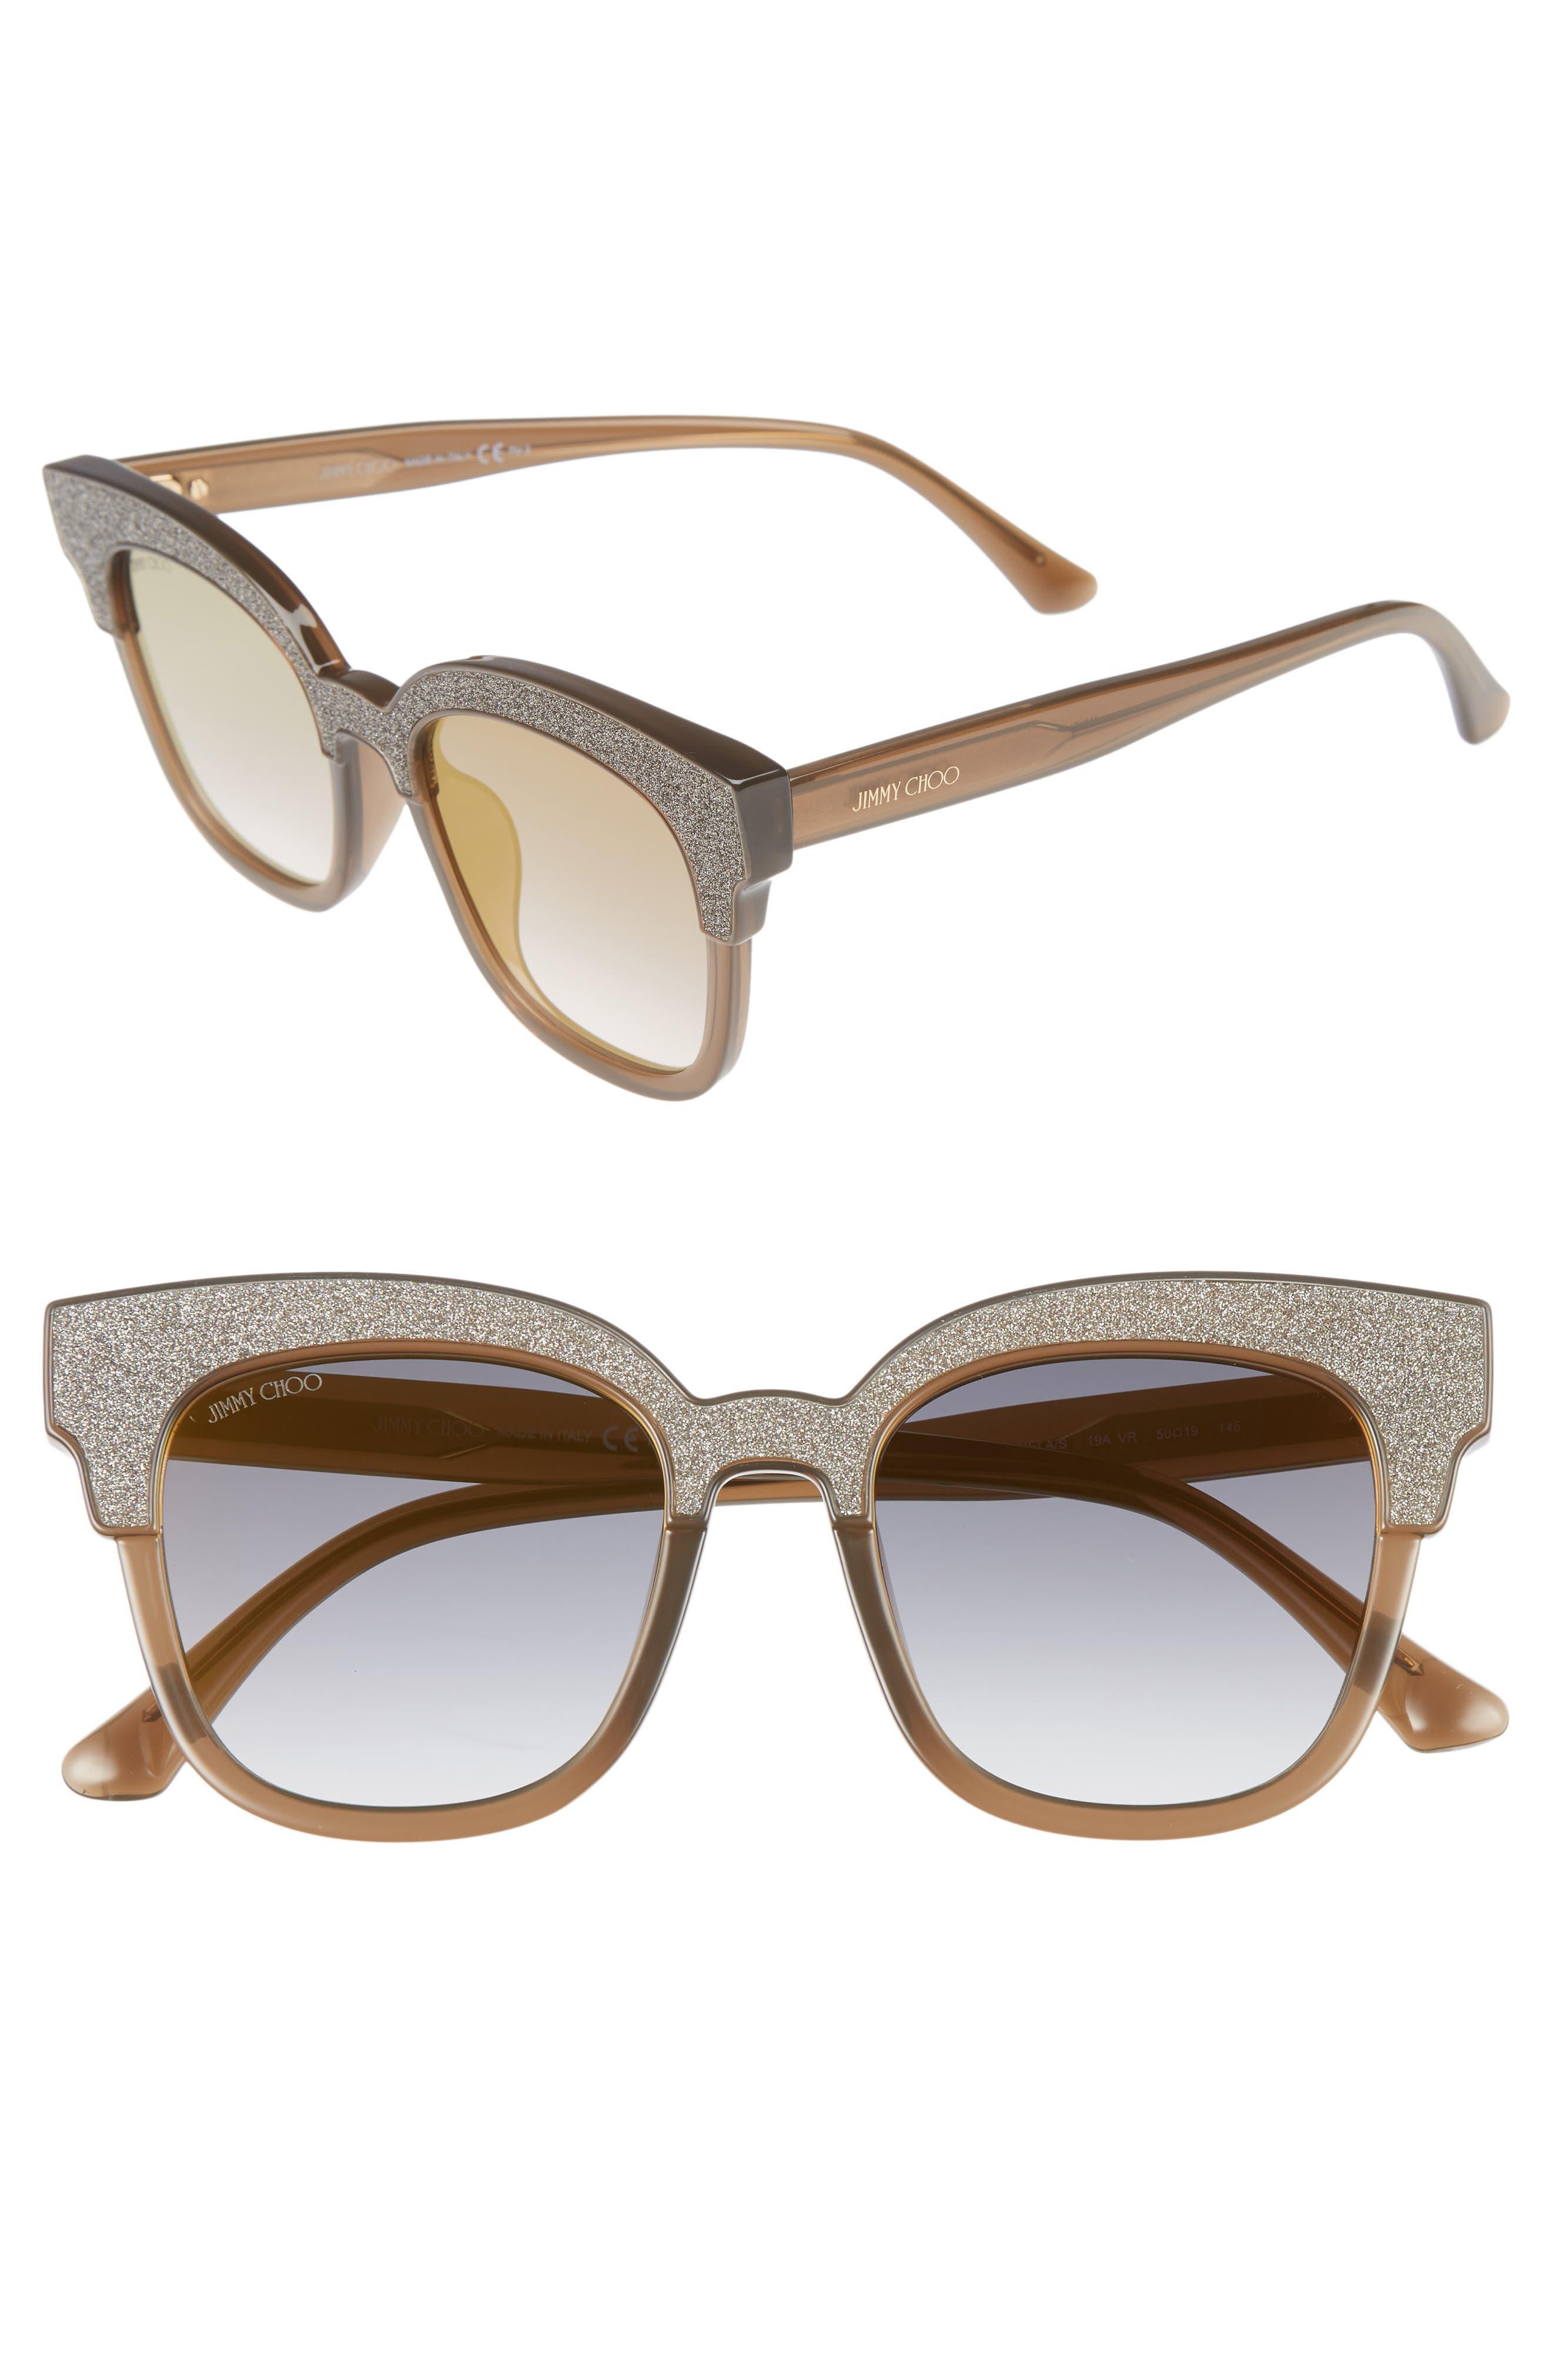 Mayelas 50mm Cat Eye Sunglasses,                         Main,                         color, 200